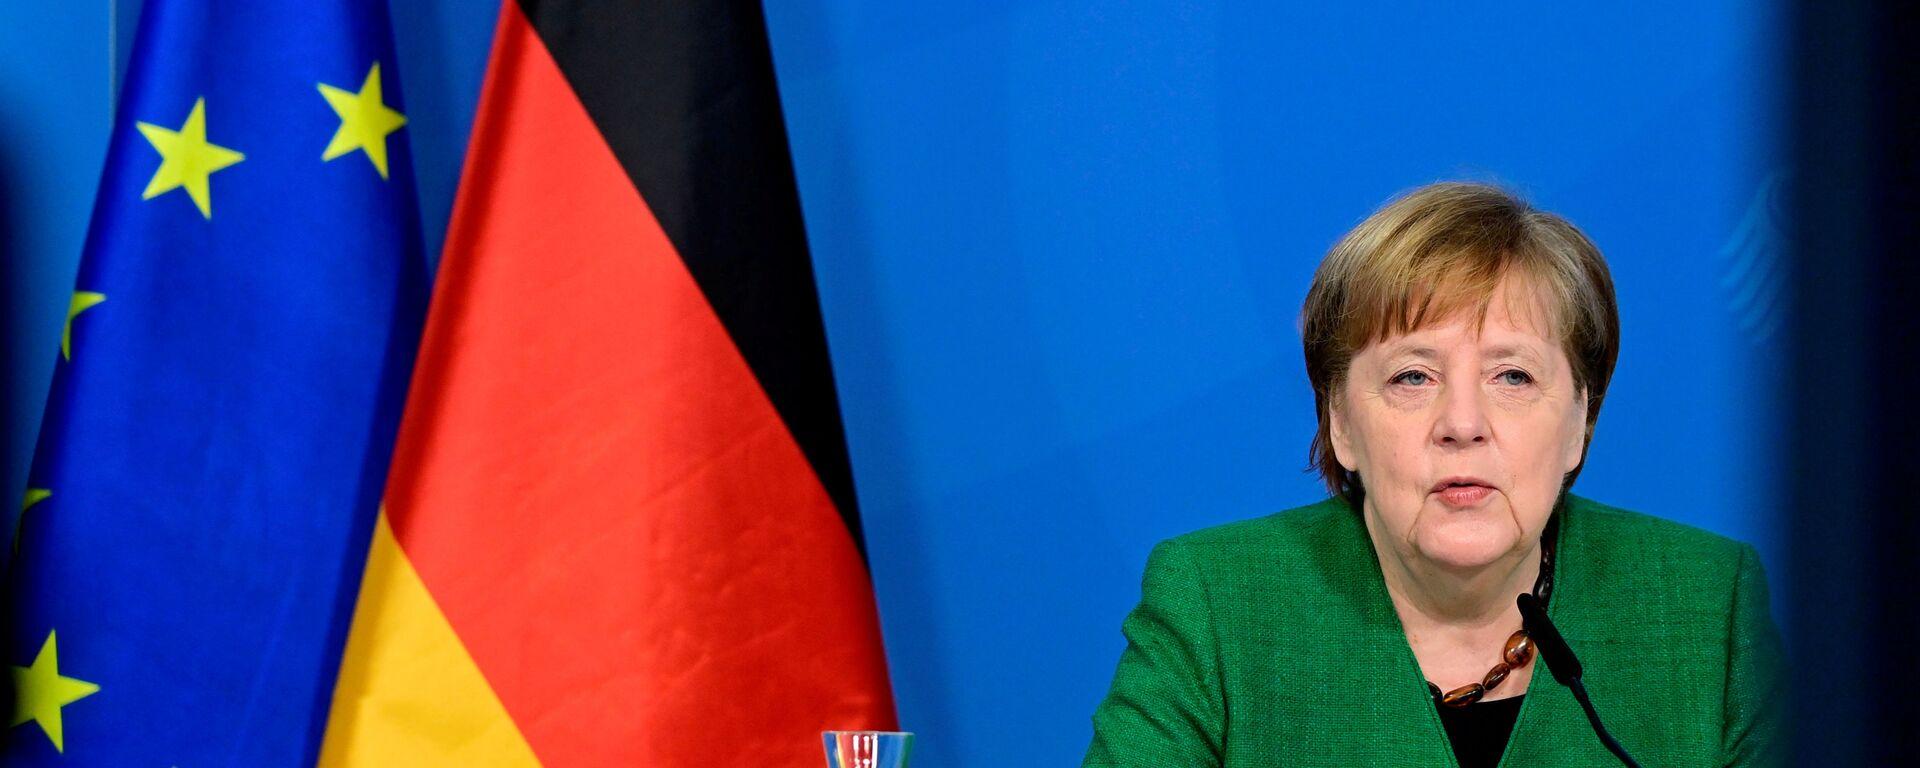 Angela Merkel - Sputnik Italia, 1920, 24.04.2021